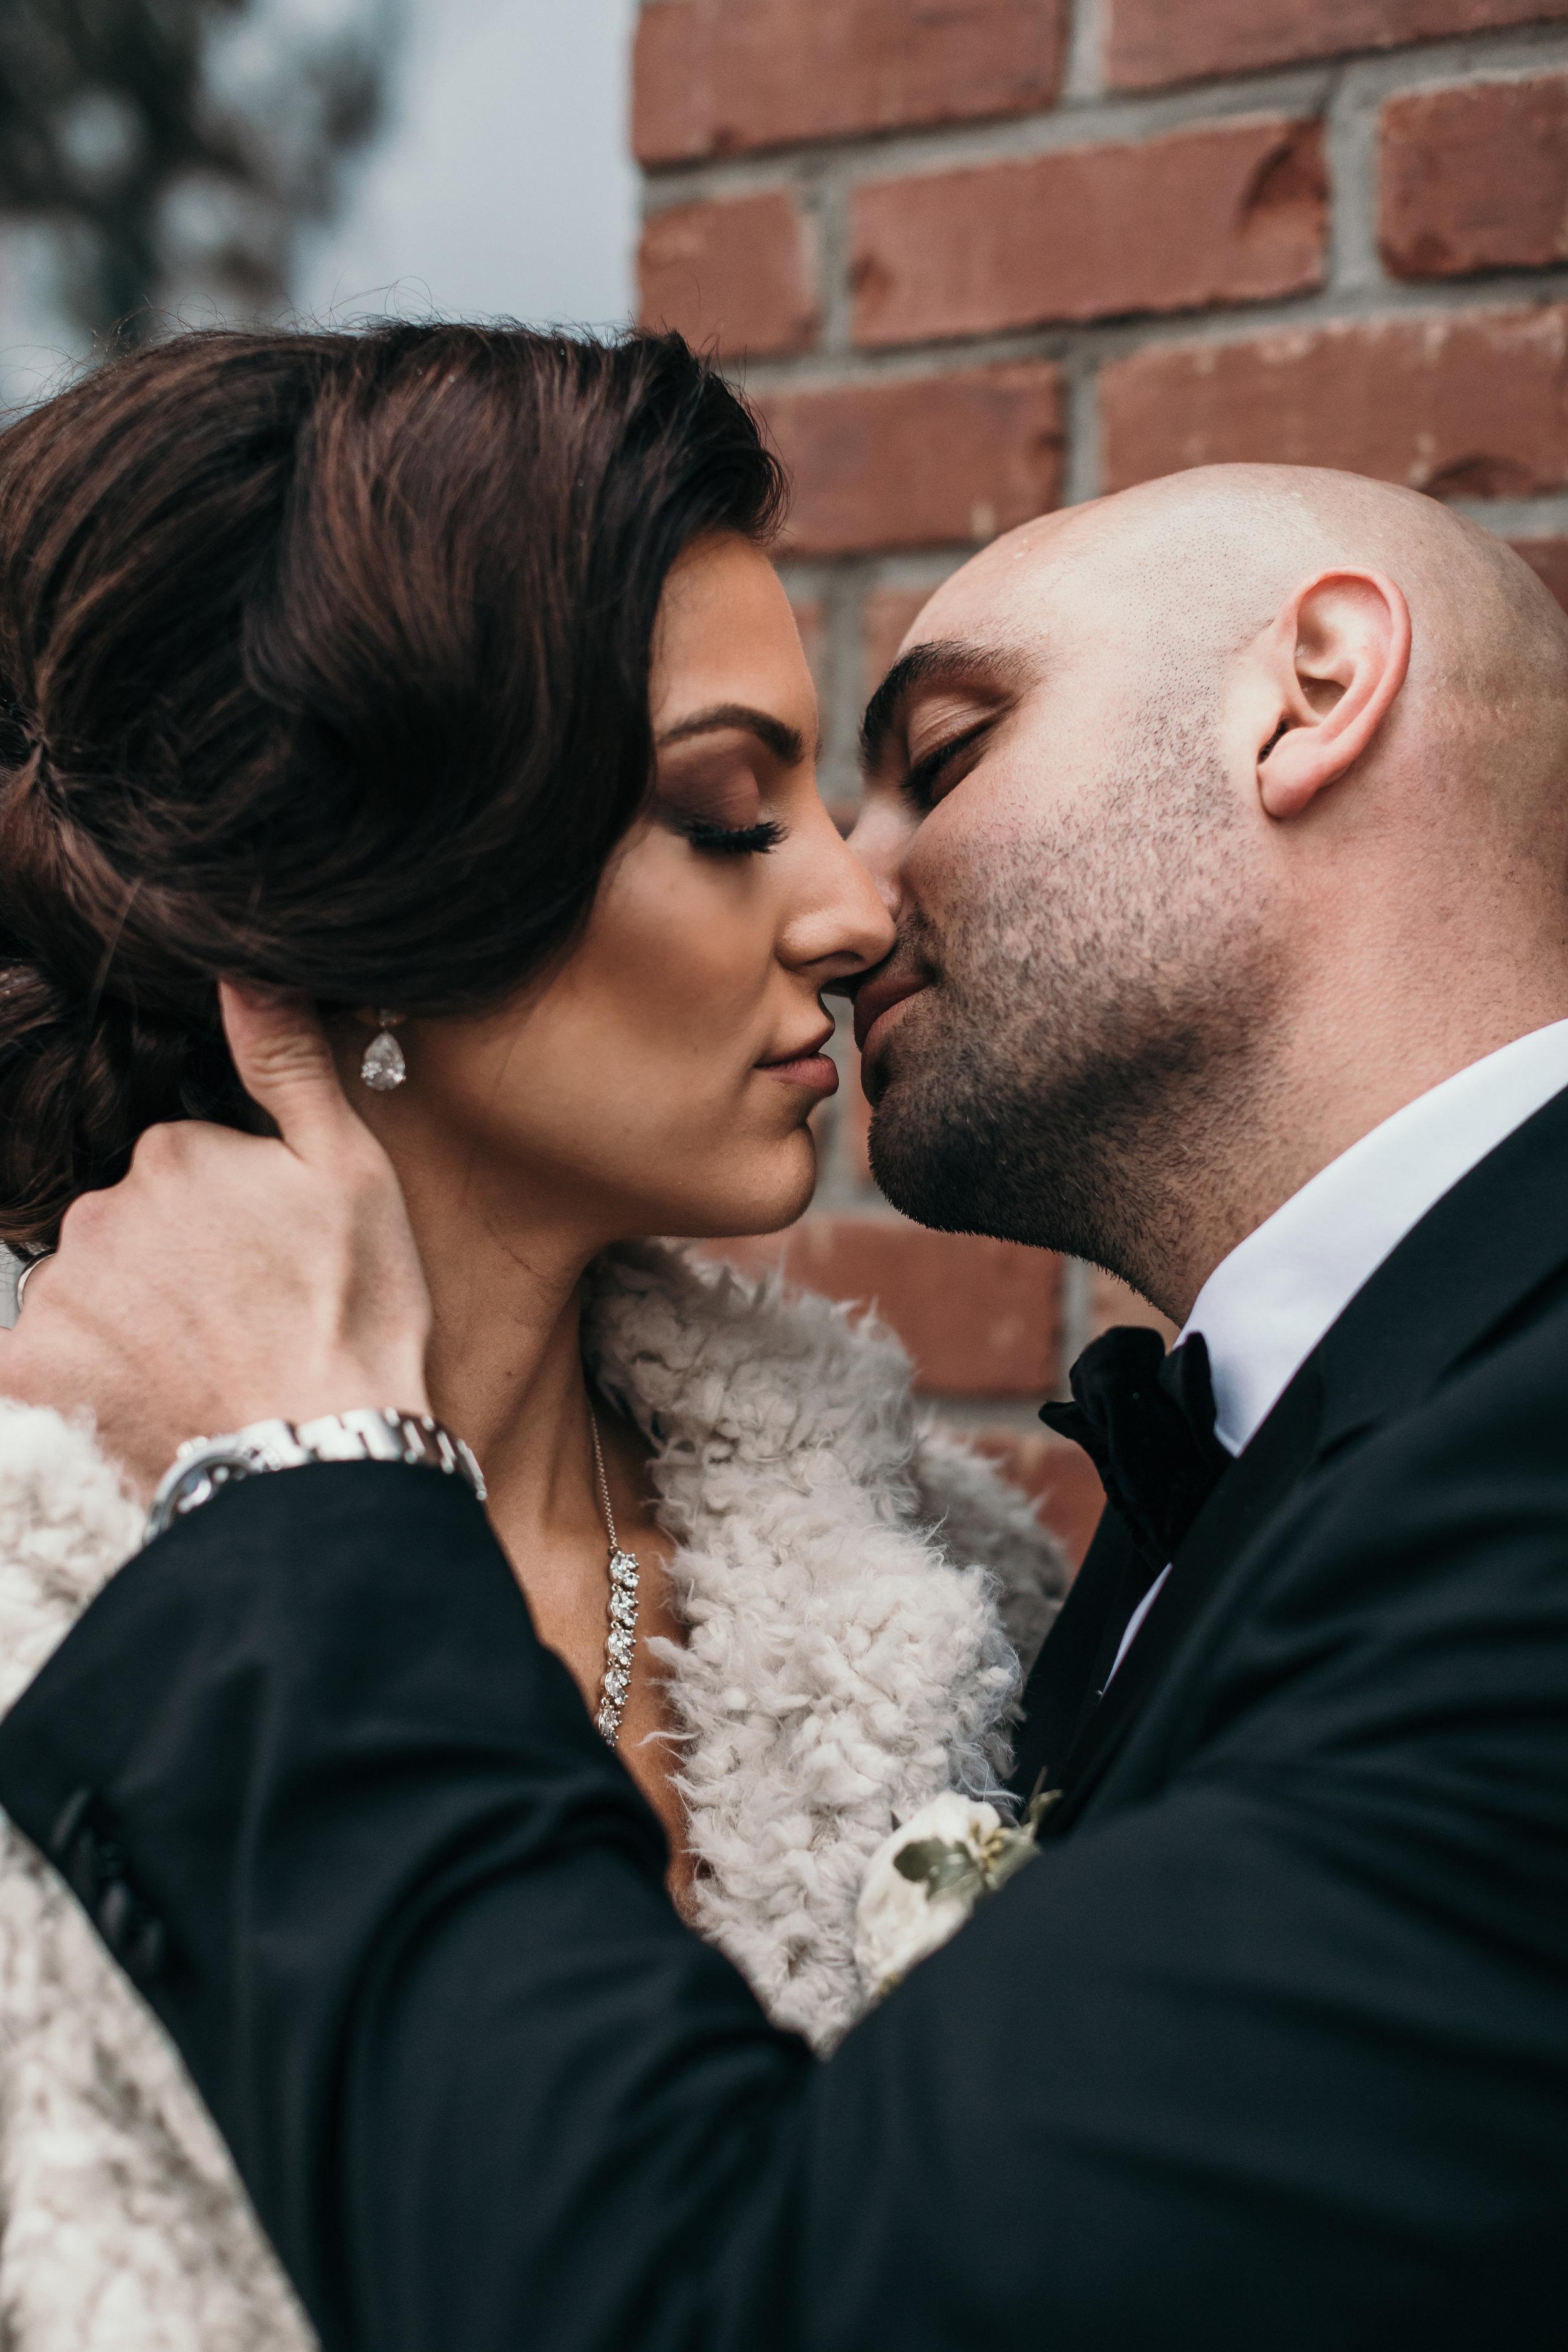 Pitt Meadows Wedding Photographer - Sky Hangar Wedding Photos - Vancouver Wedding Photographer & Videographer - Sunshine Coast Wedding Photos - Sunshine Coast Wedding Photographer - Jennifer Picard Photography - 1A5A2047.jpg